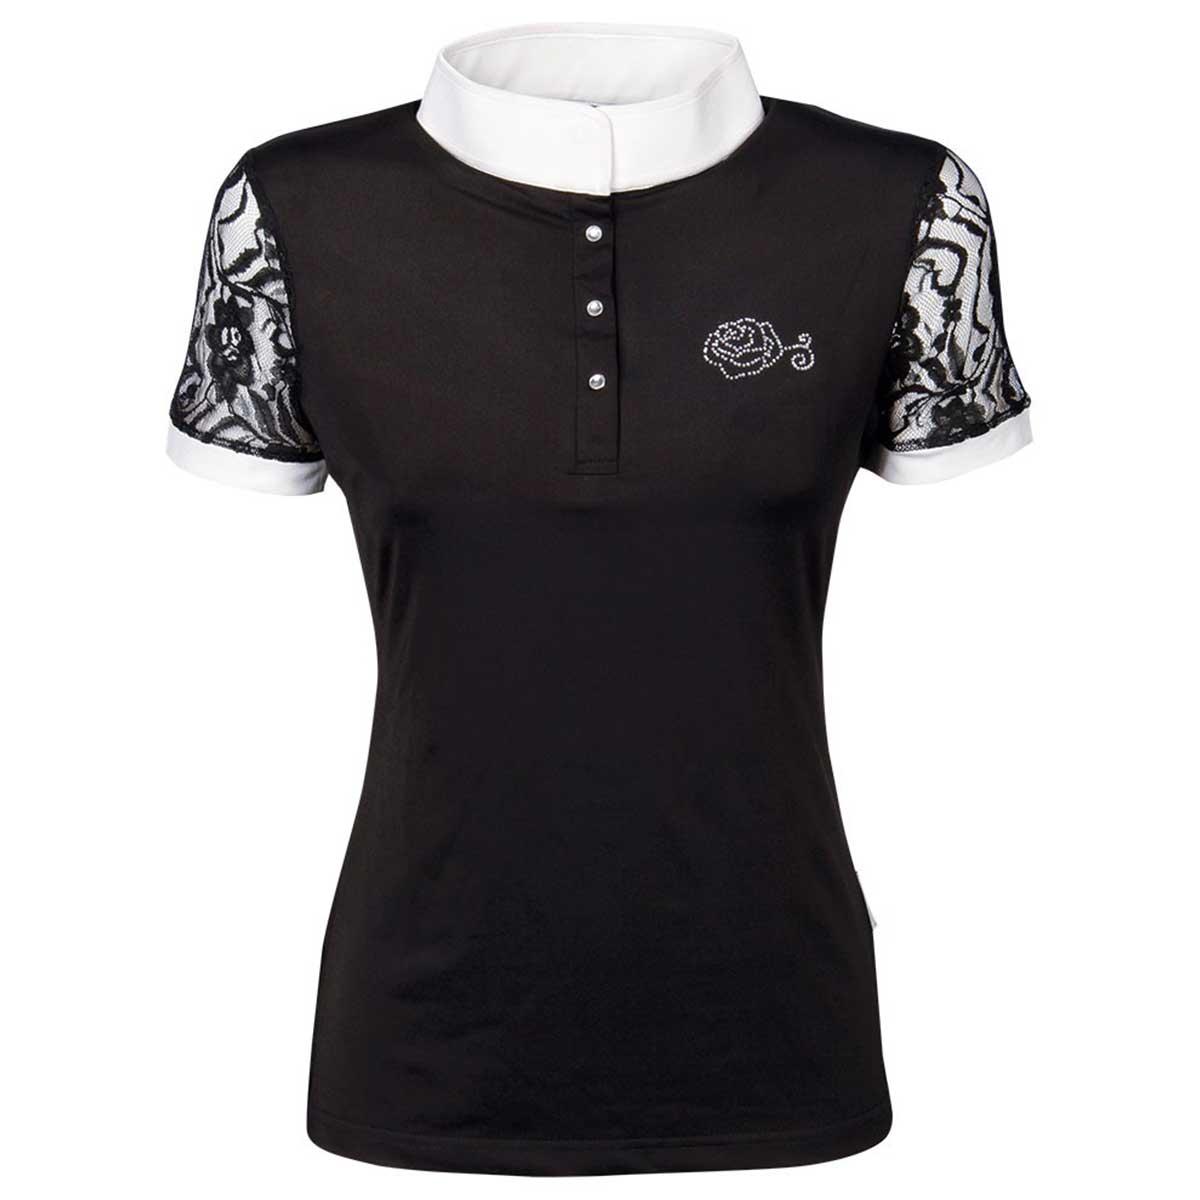 Harrys Horse Lace wedstrijdshirt zwart maat:xxs